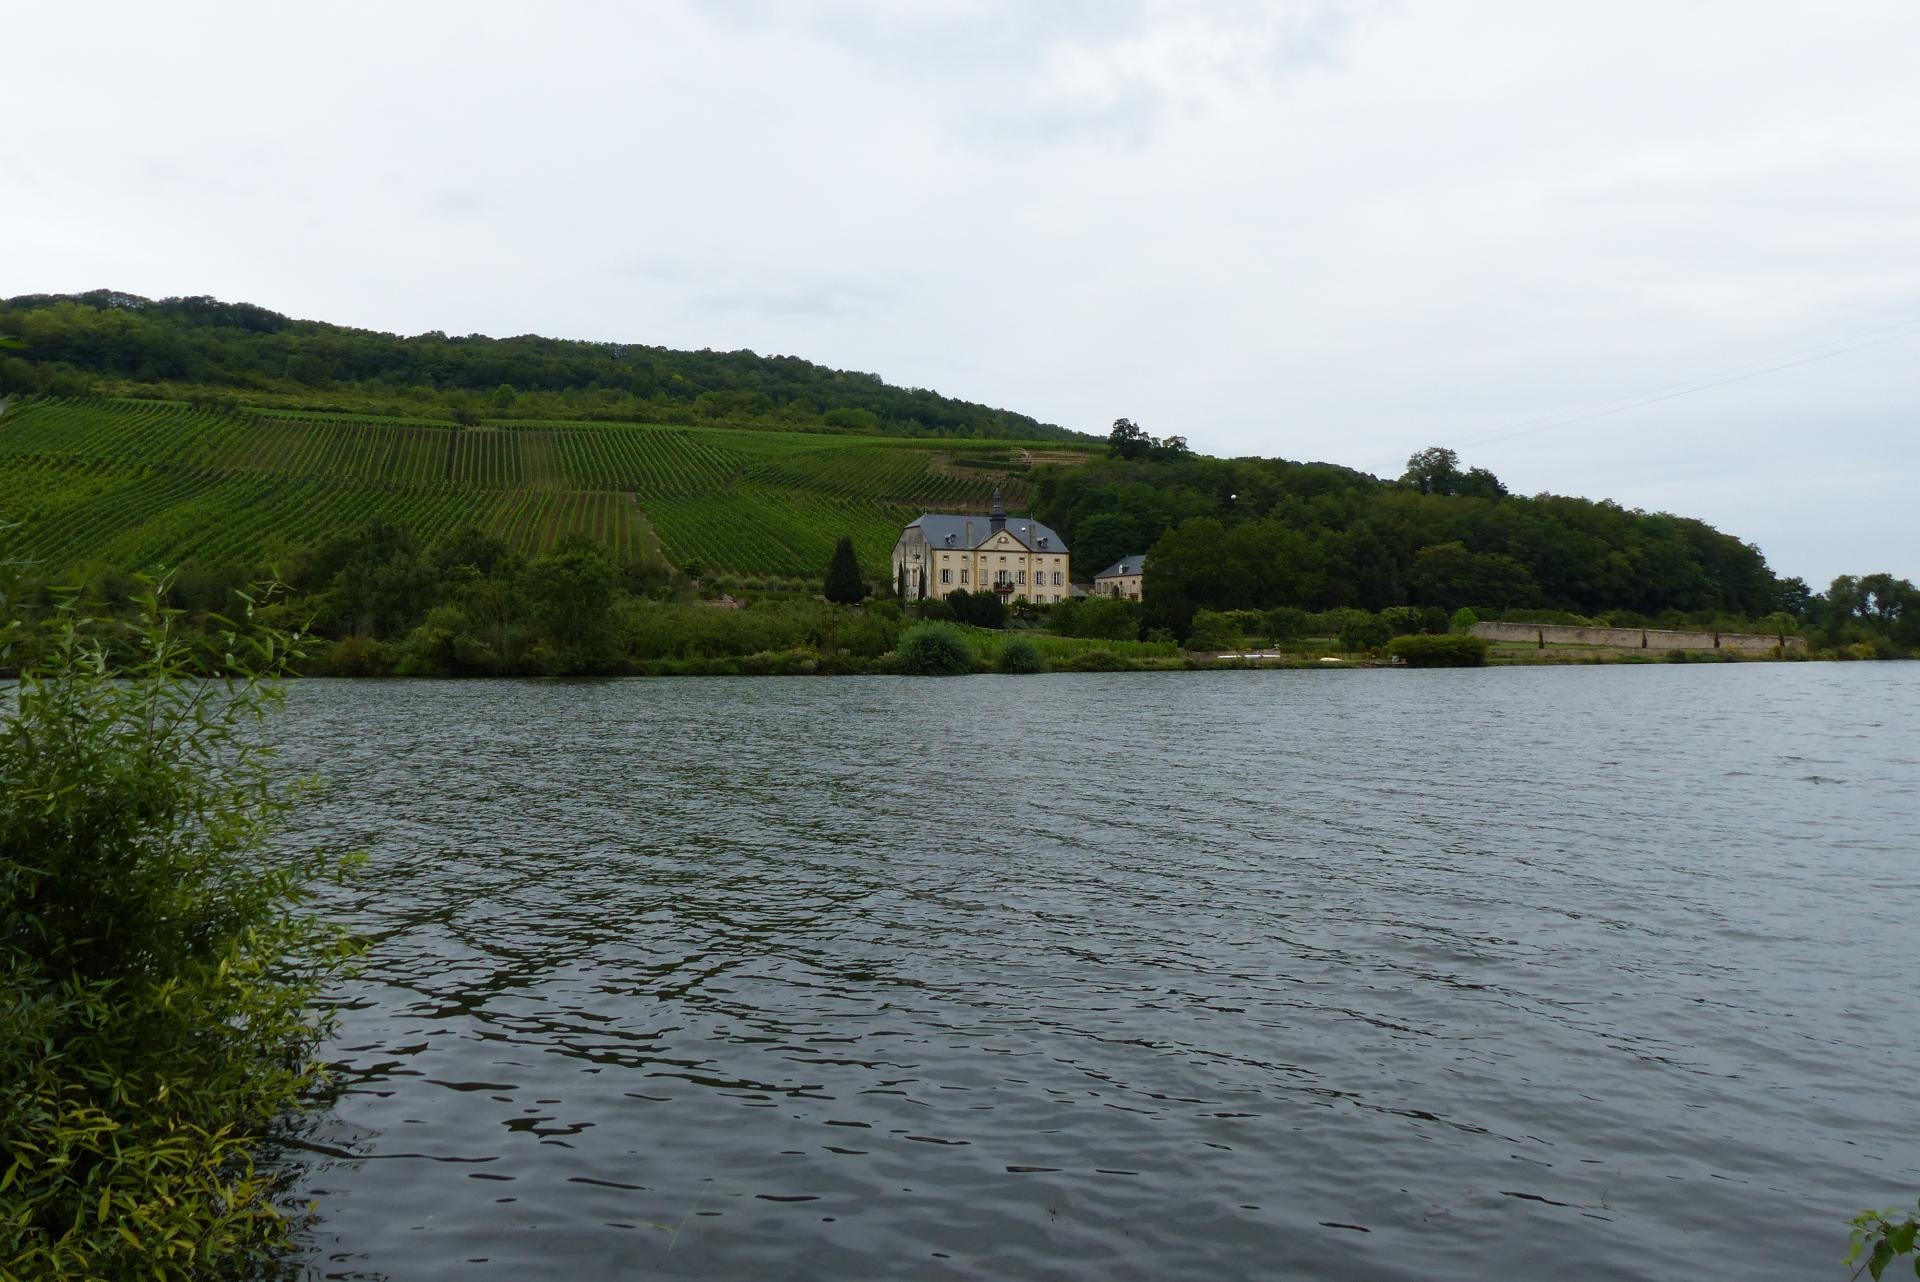 La Moselle en aval de Sierck (Rudling)